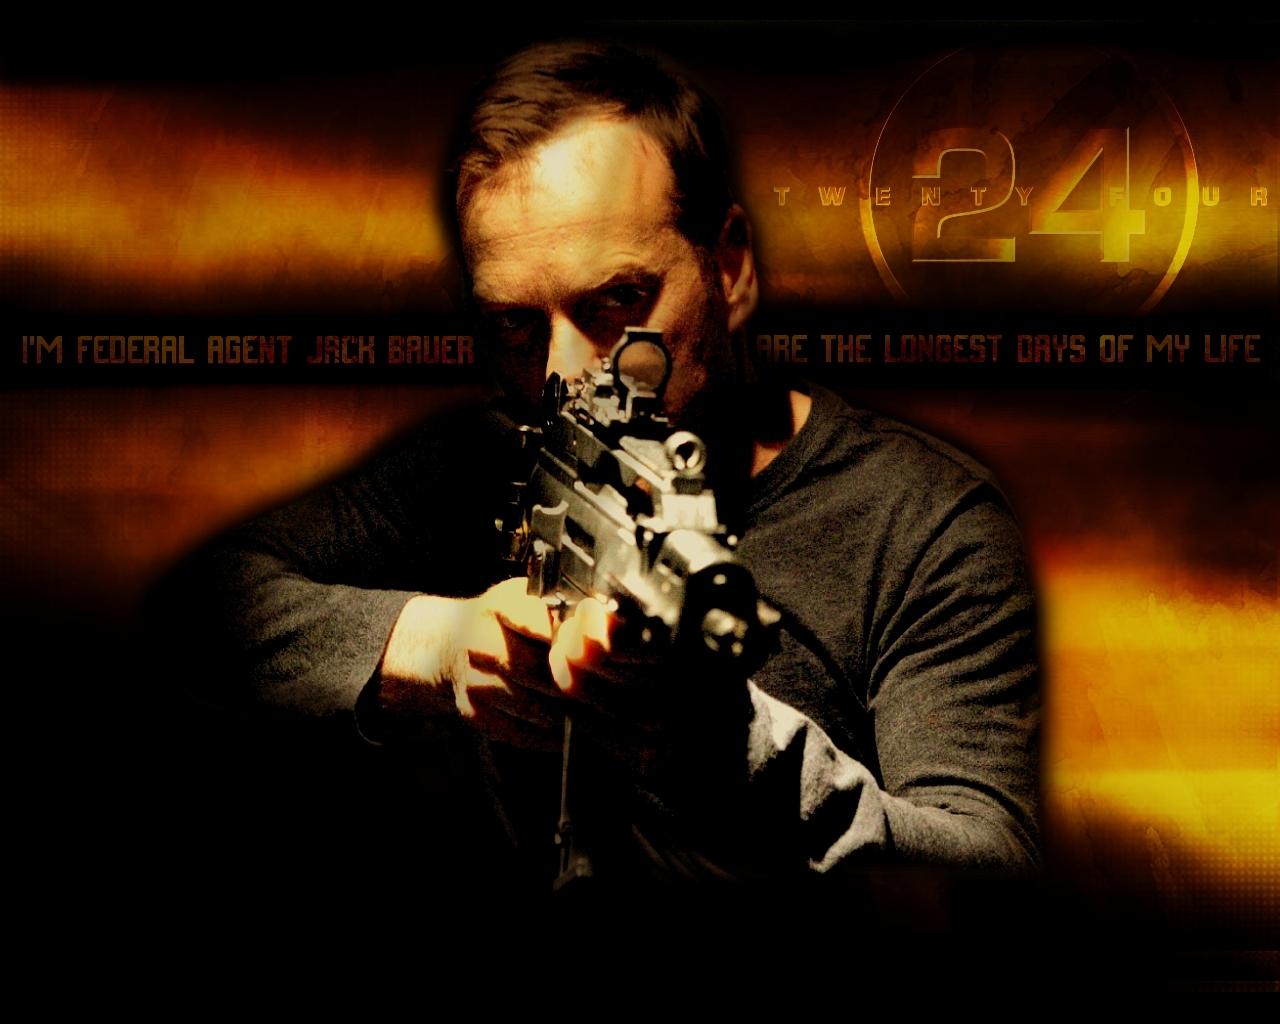 Jack Bauer 24 壁紙 15256744 ファンポップ